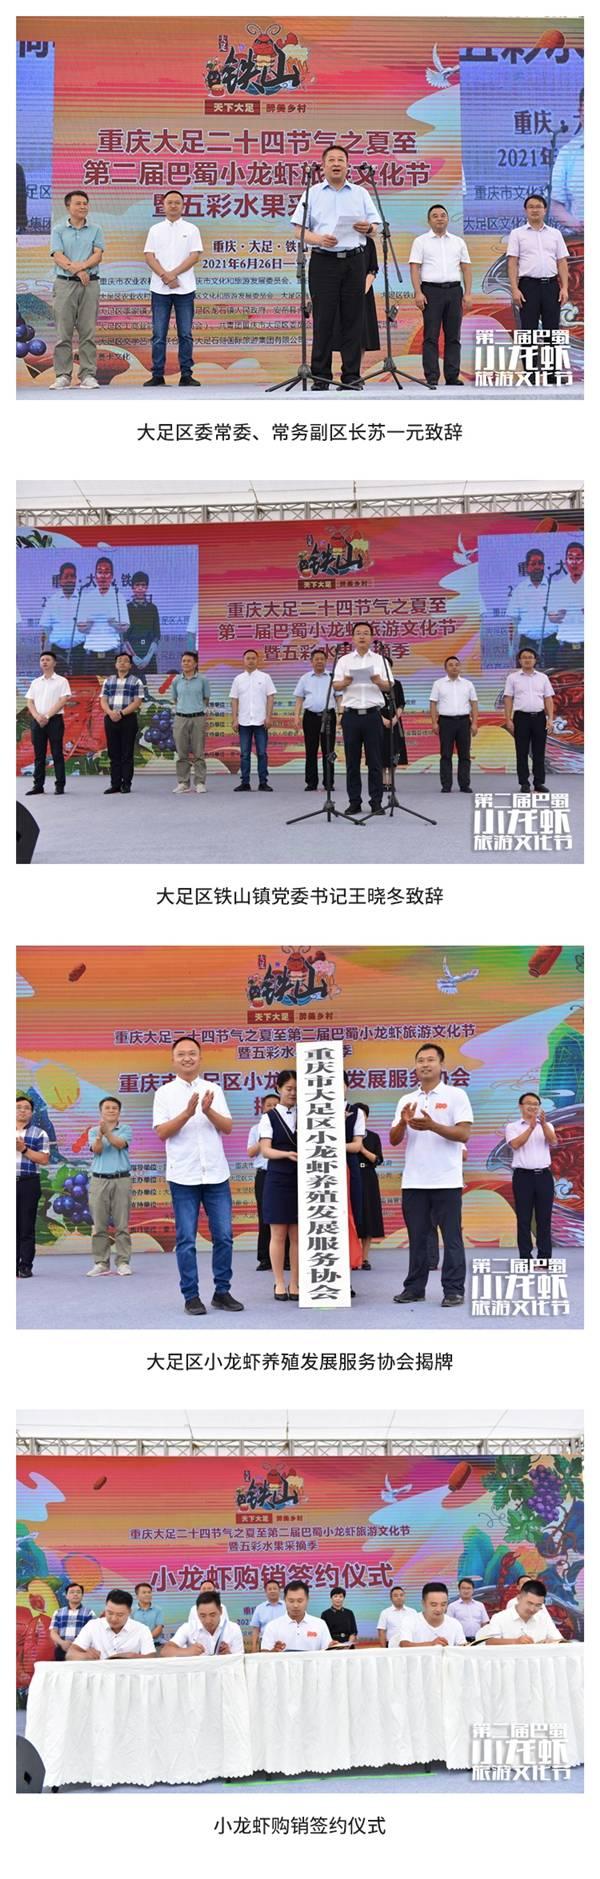 大足鐵山第二屆巴蜀小龍蝦旅遊文化節成功開啟農特產銷量之路